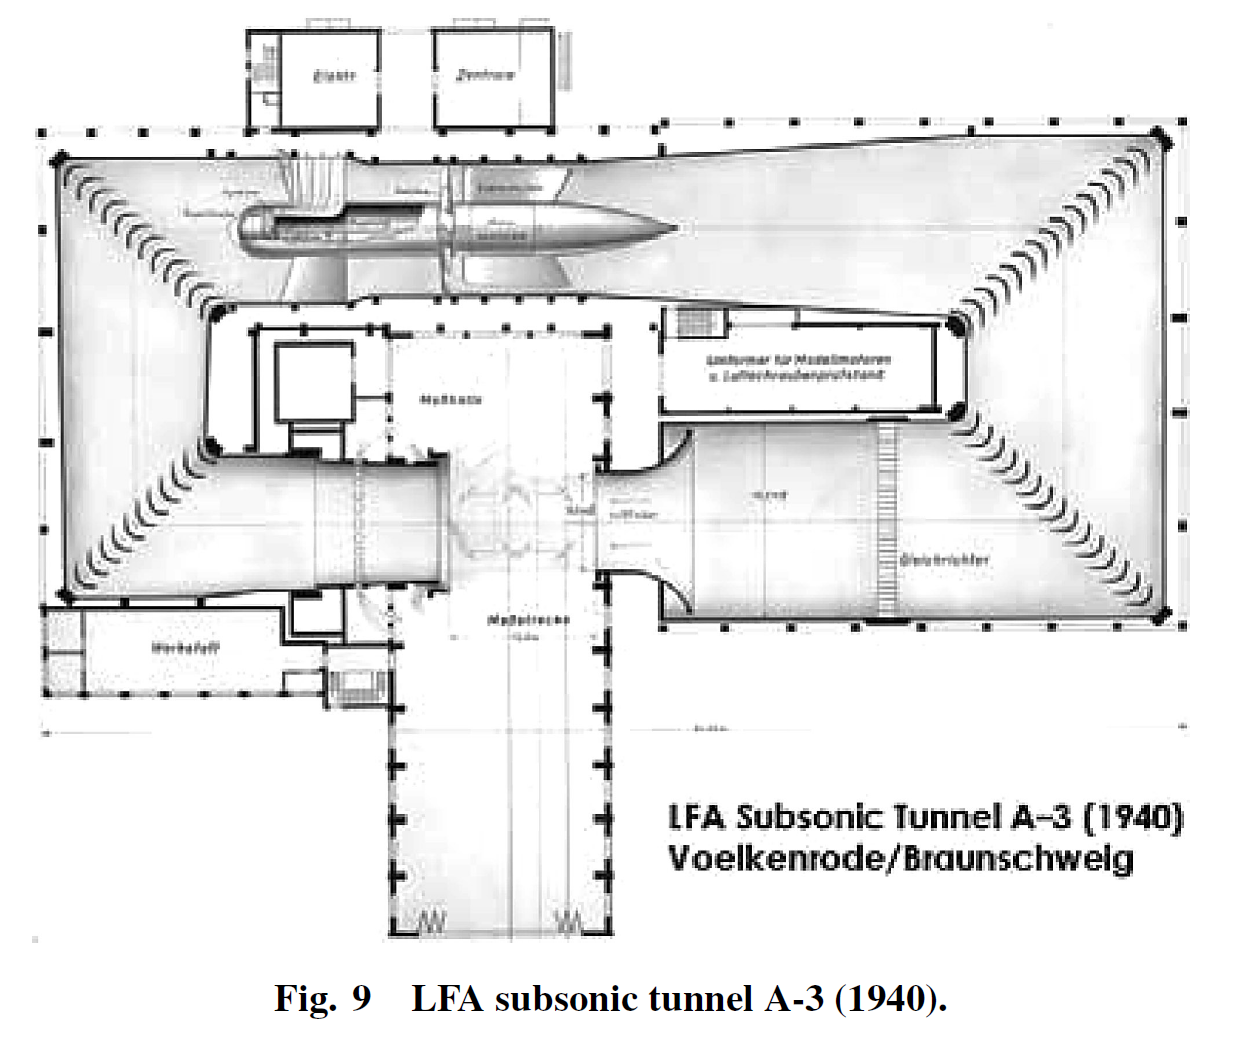 Tunel transonico A3